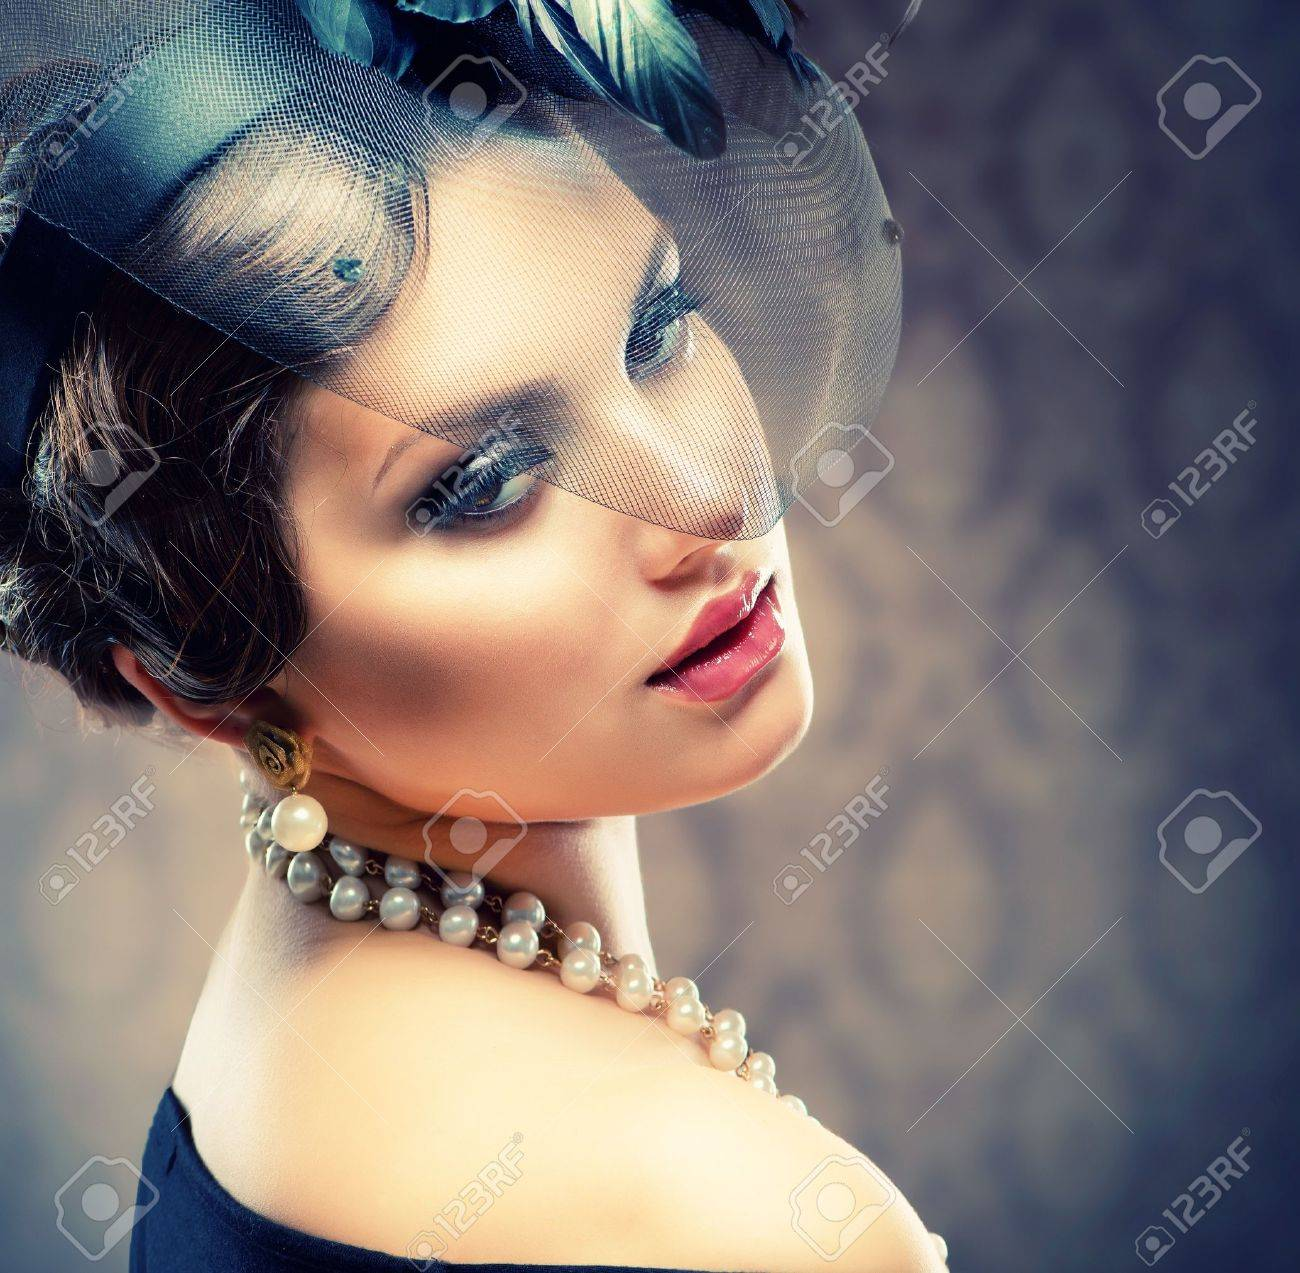 Фото ретро красивой женской 23 фотография